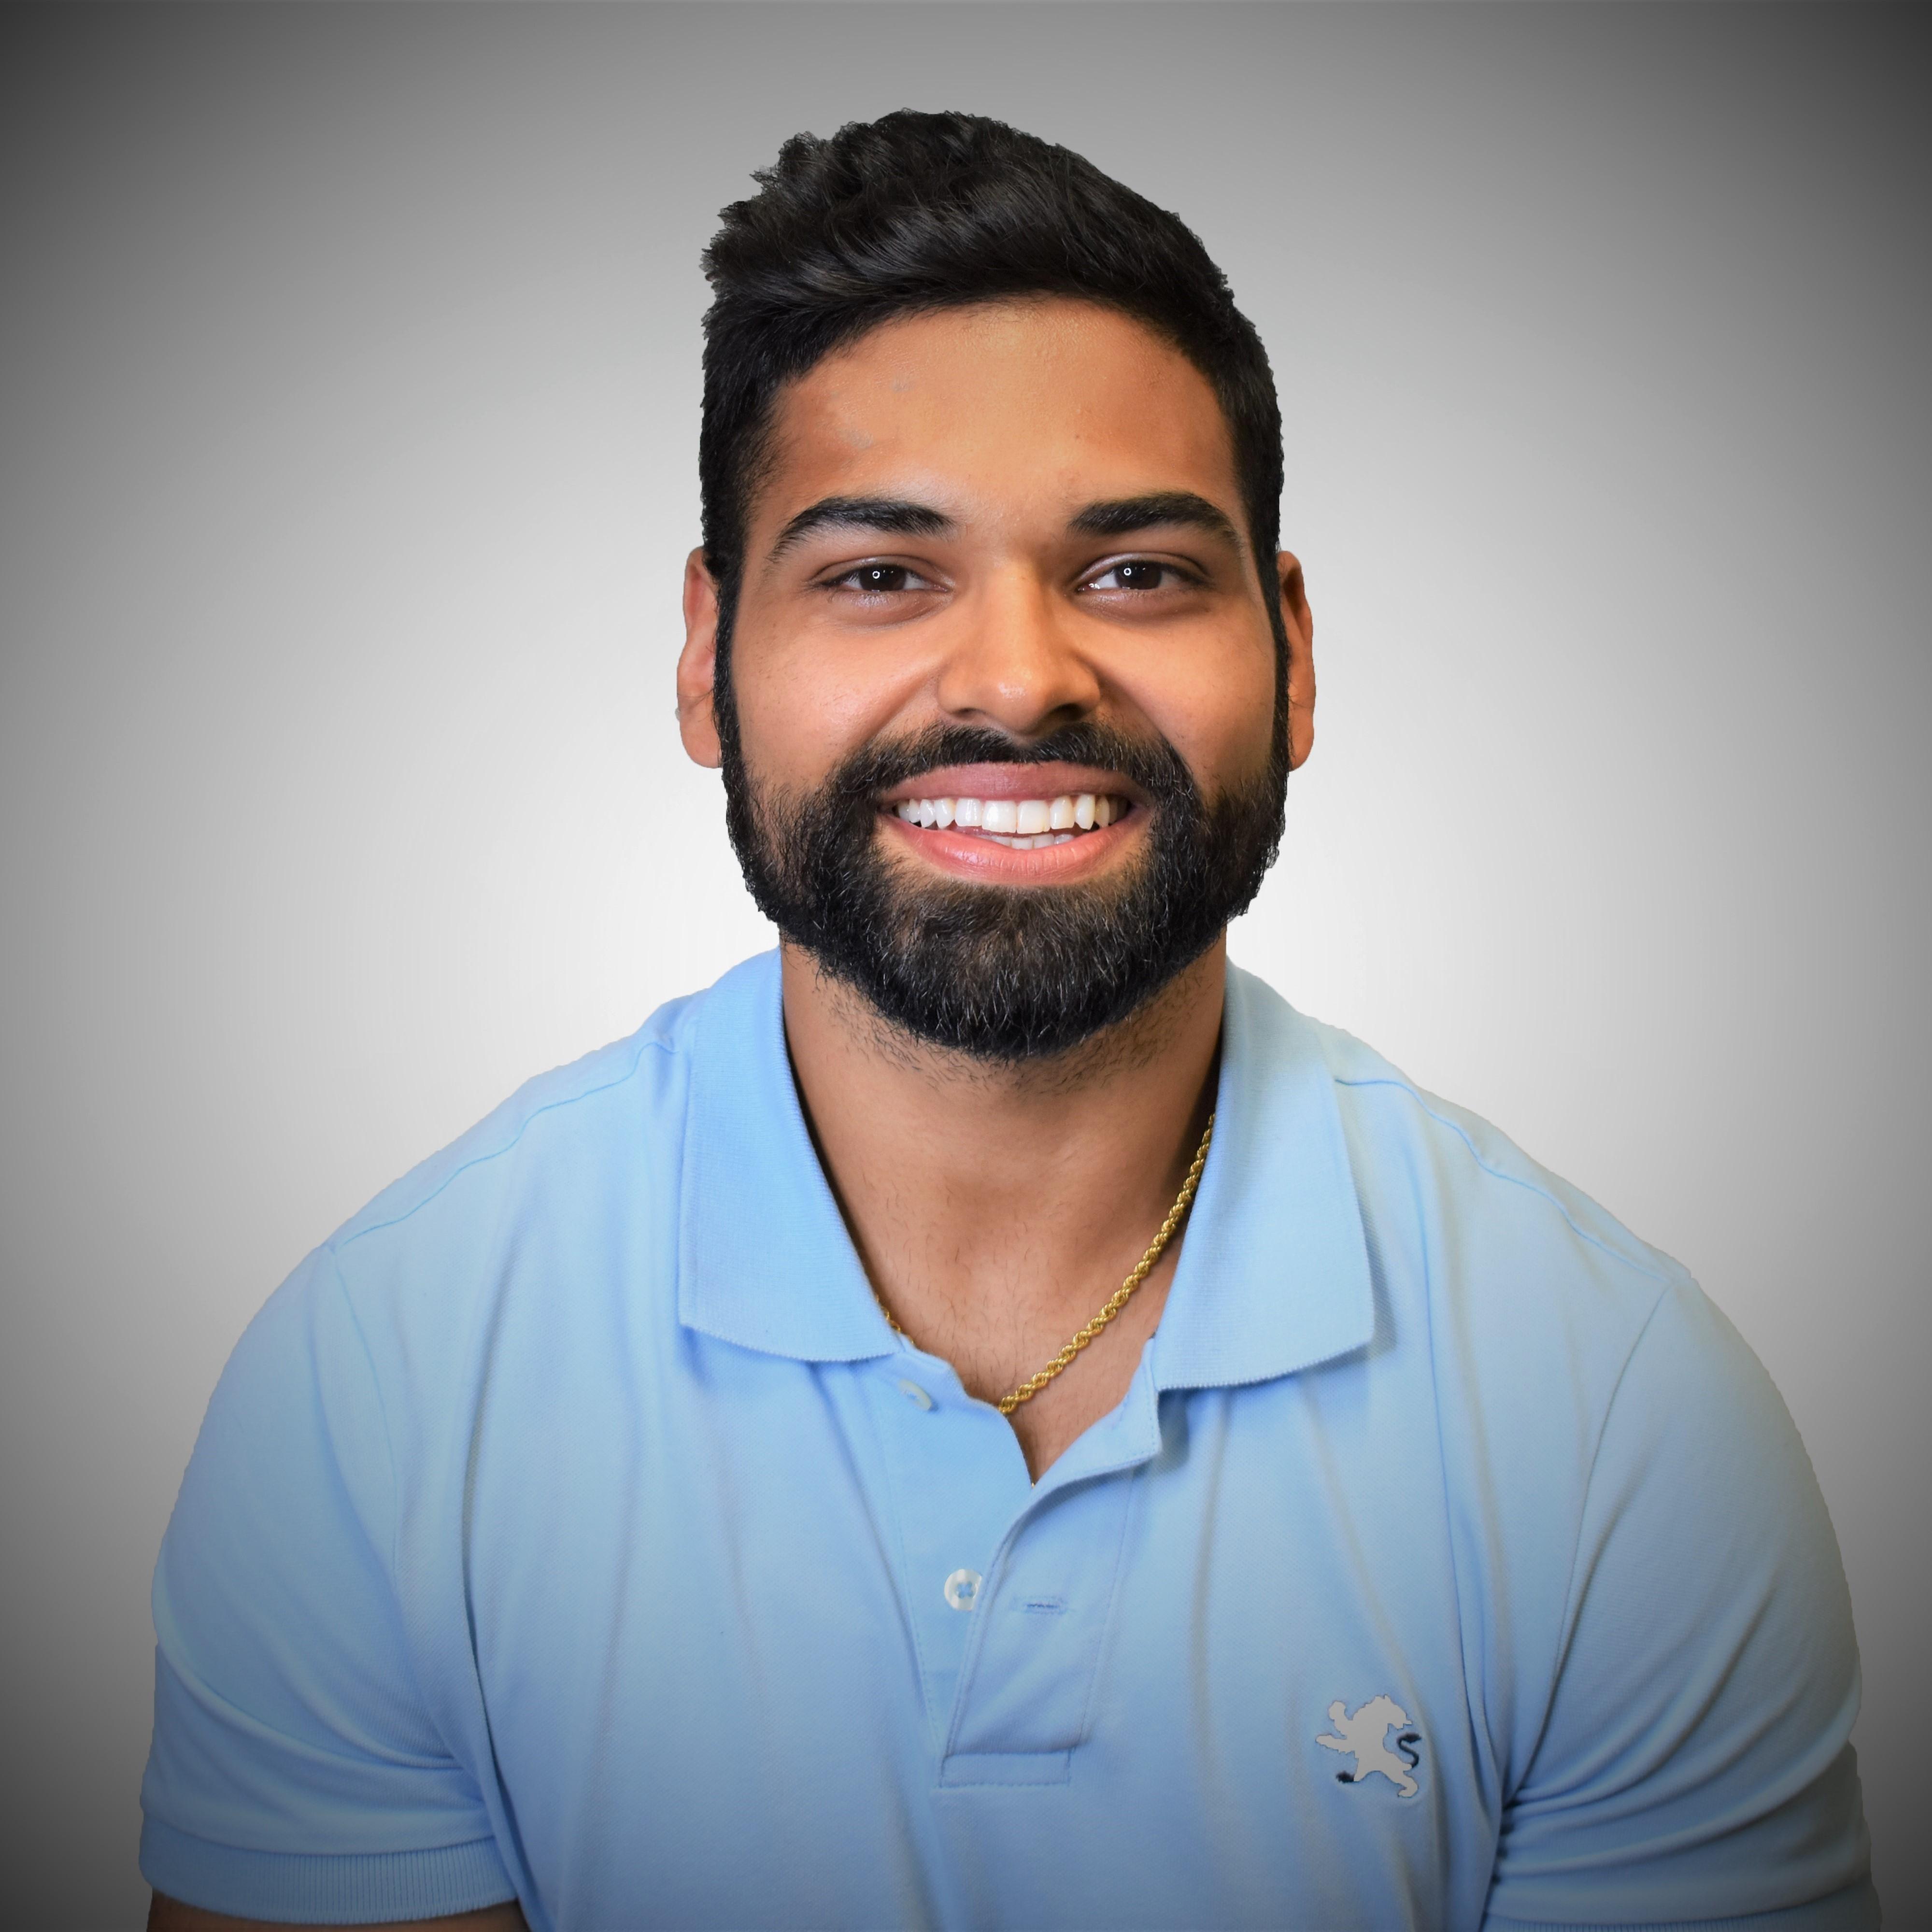 Kapish Sharma